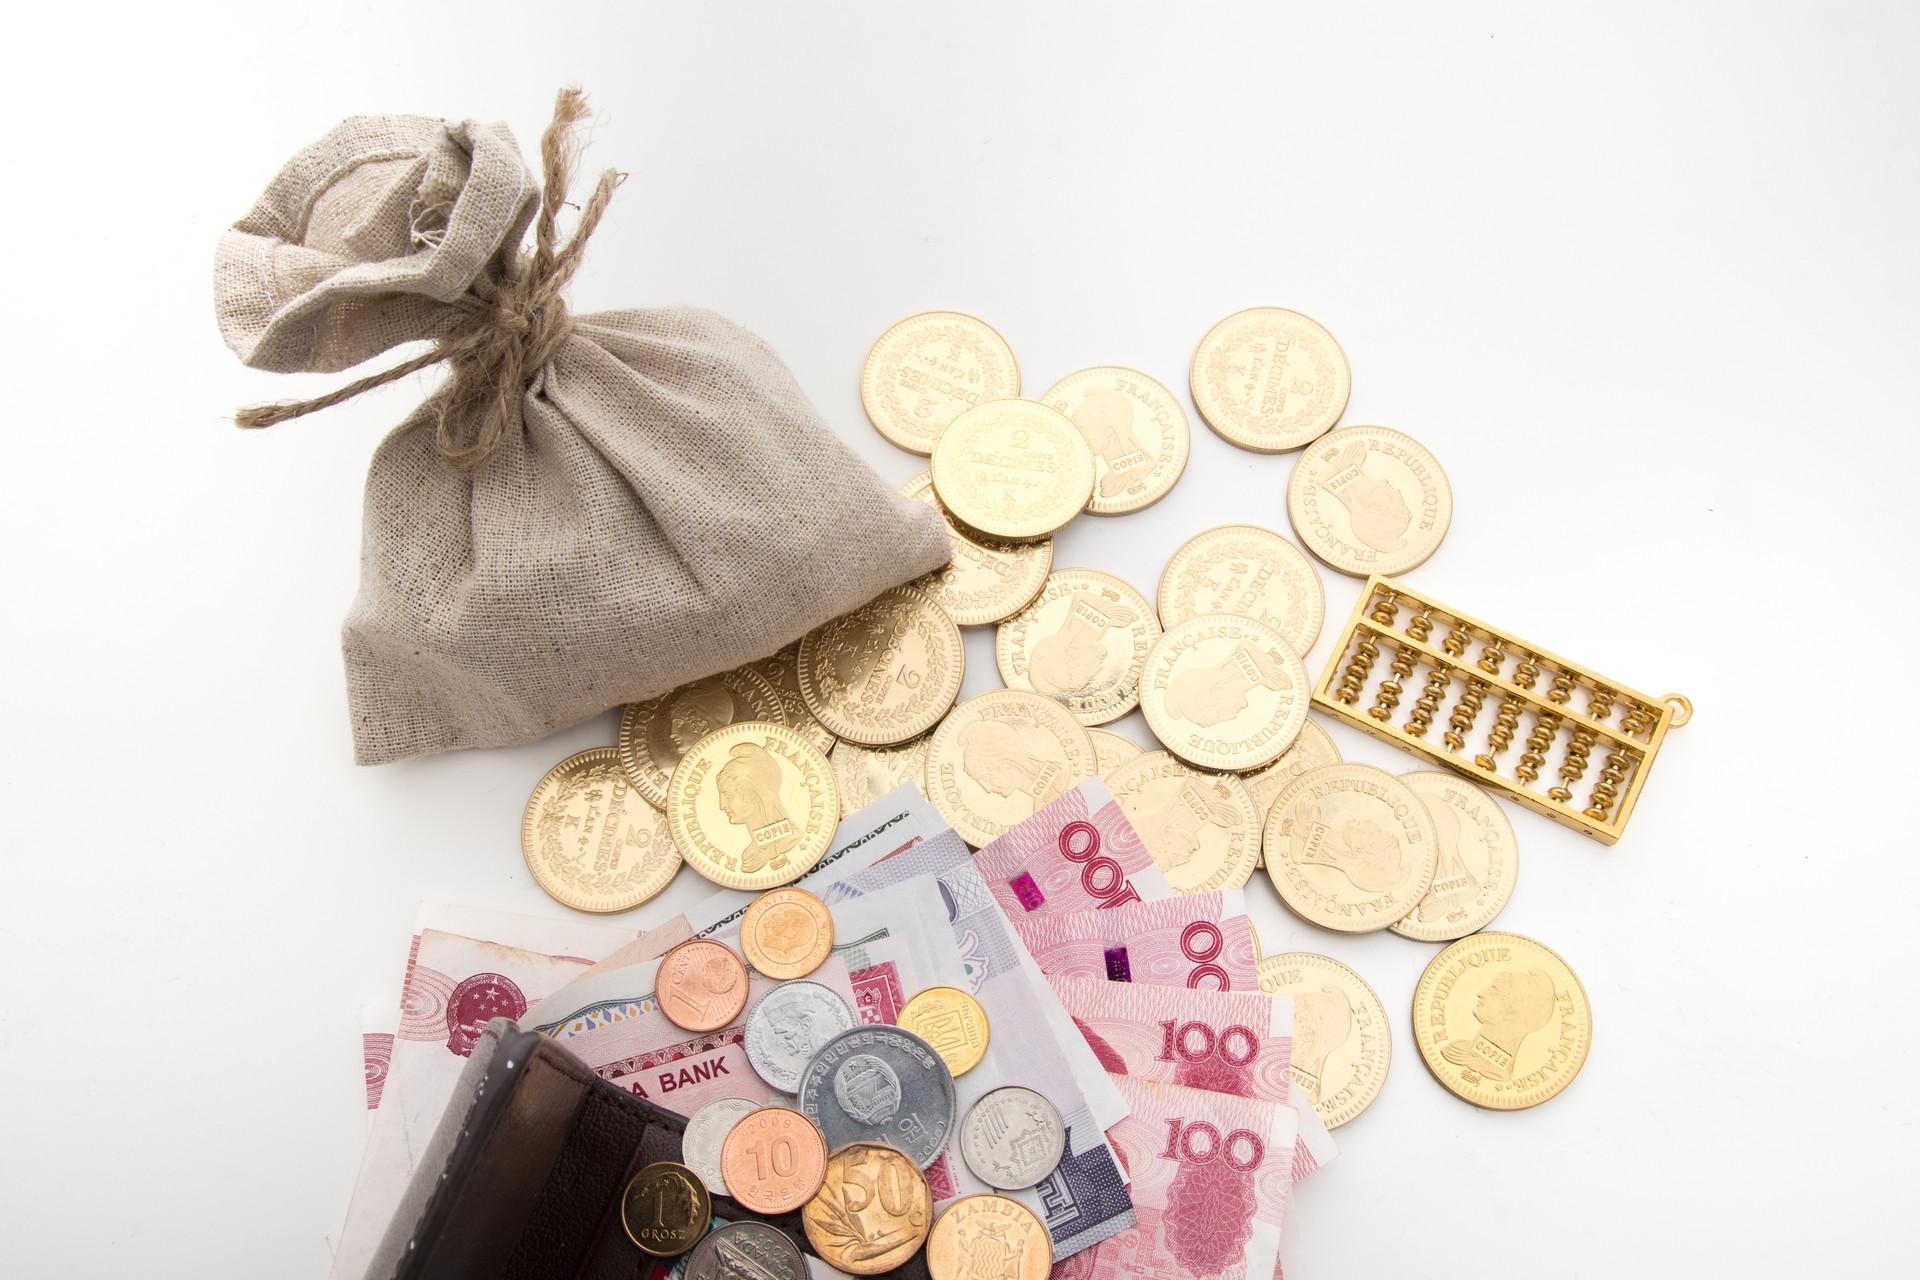 代发薪资流程麻烦吗 都有哪些步骤